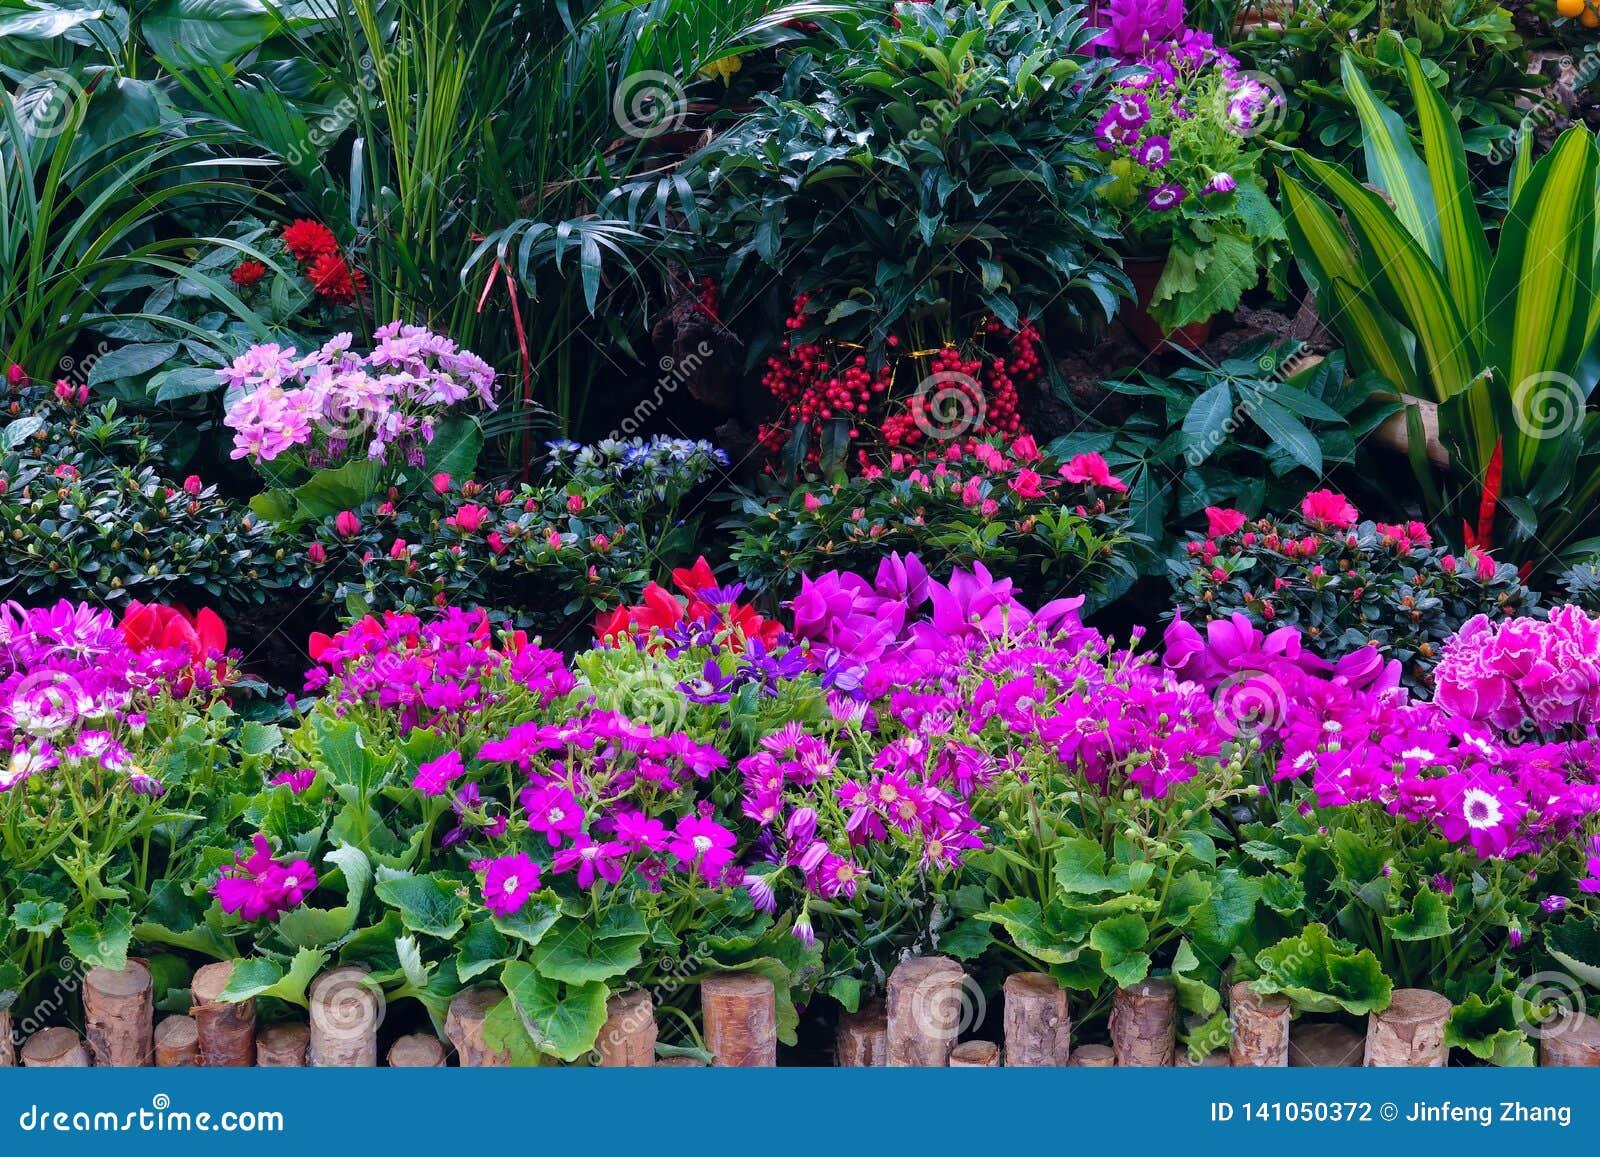 分配为花坛的区域